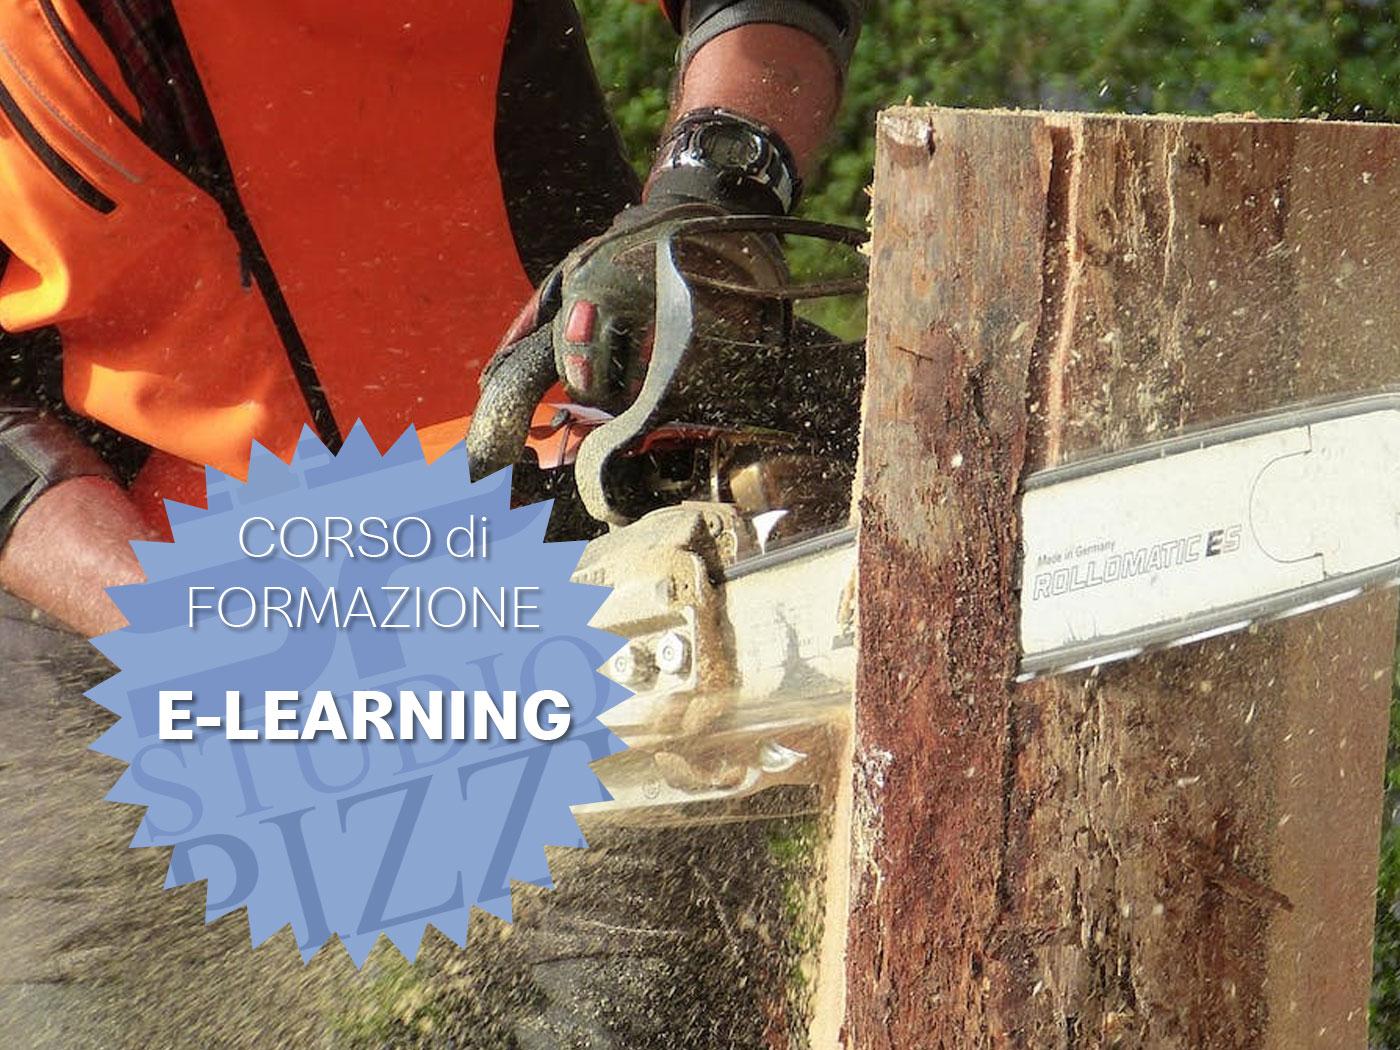 Studio PIZZI - formazione attrezzature lavoro motosega - decespugliatore - e-learning